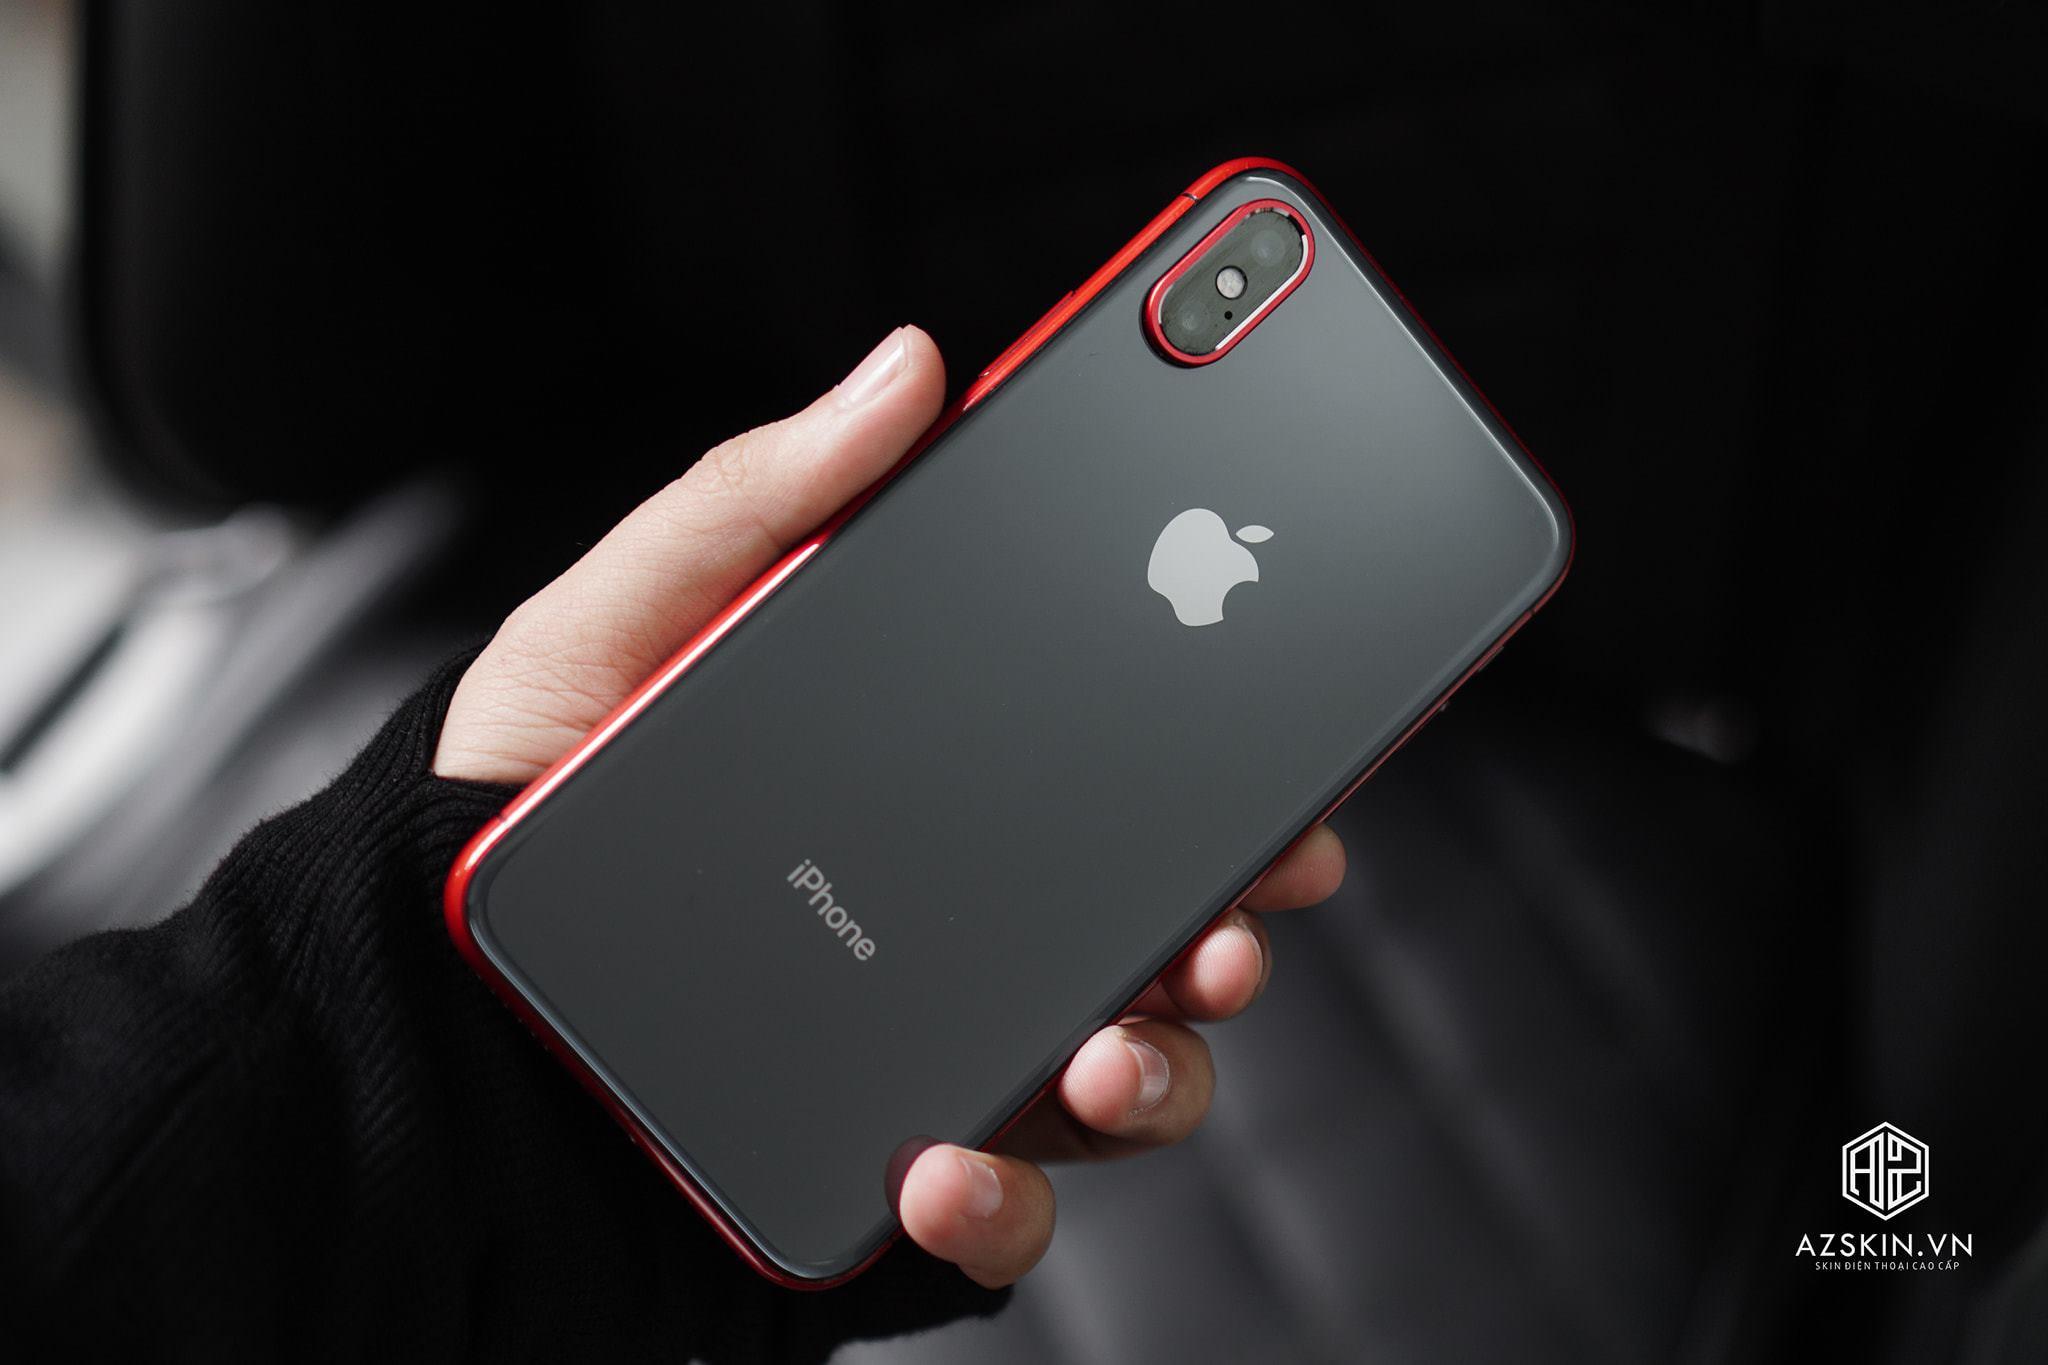 Dán điện thoại smartphone